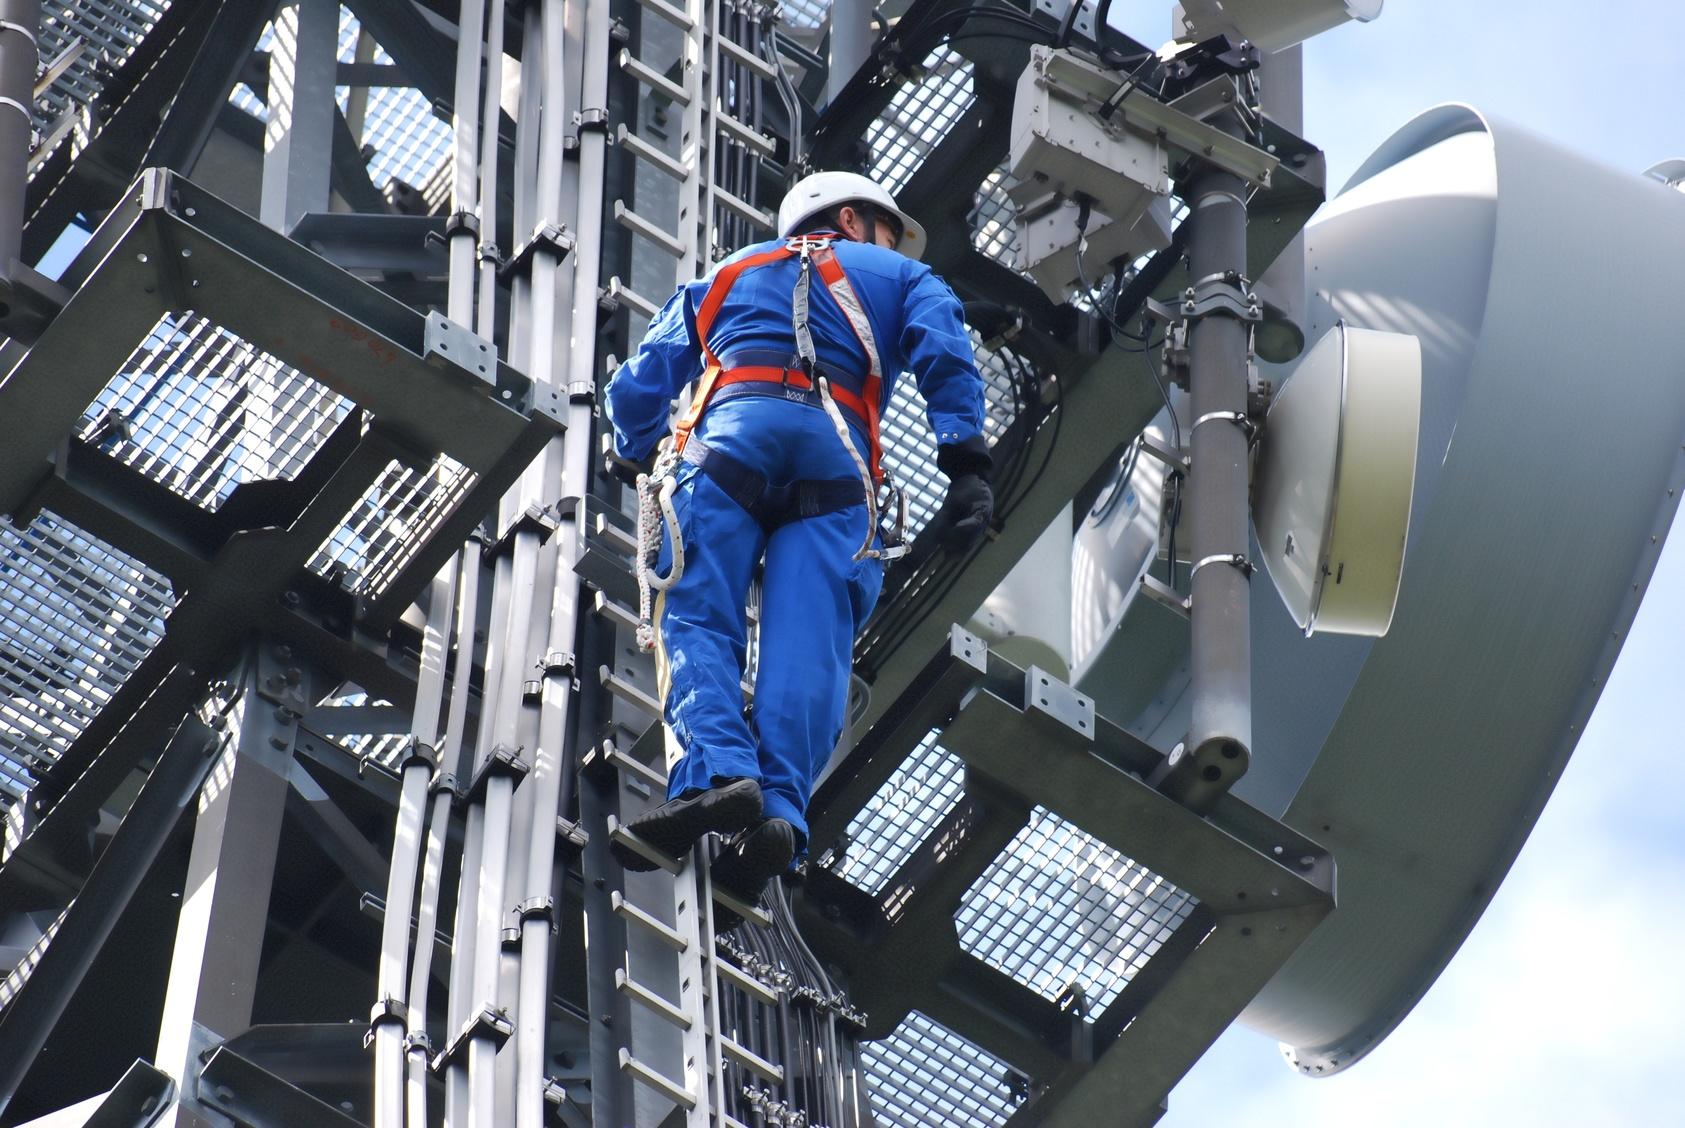 Beachten Sie diese Gefahren bei der Nutzung von Steigleitern